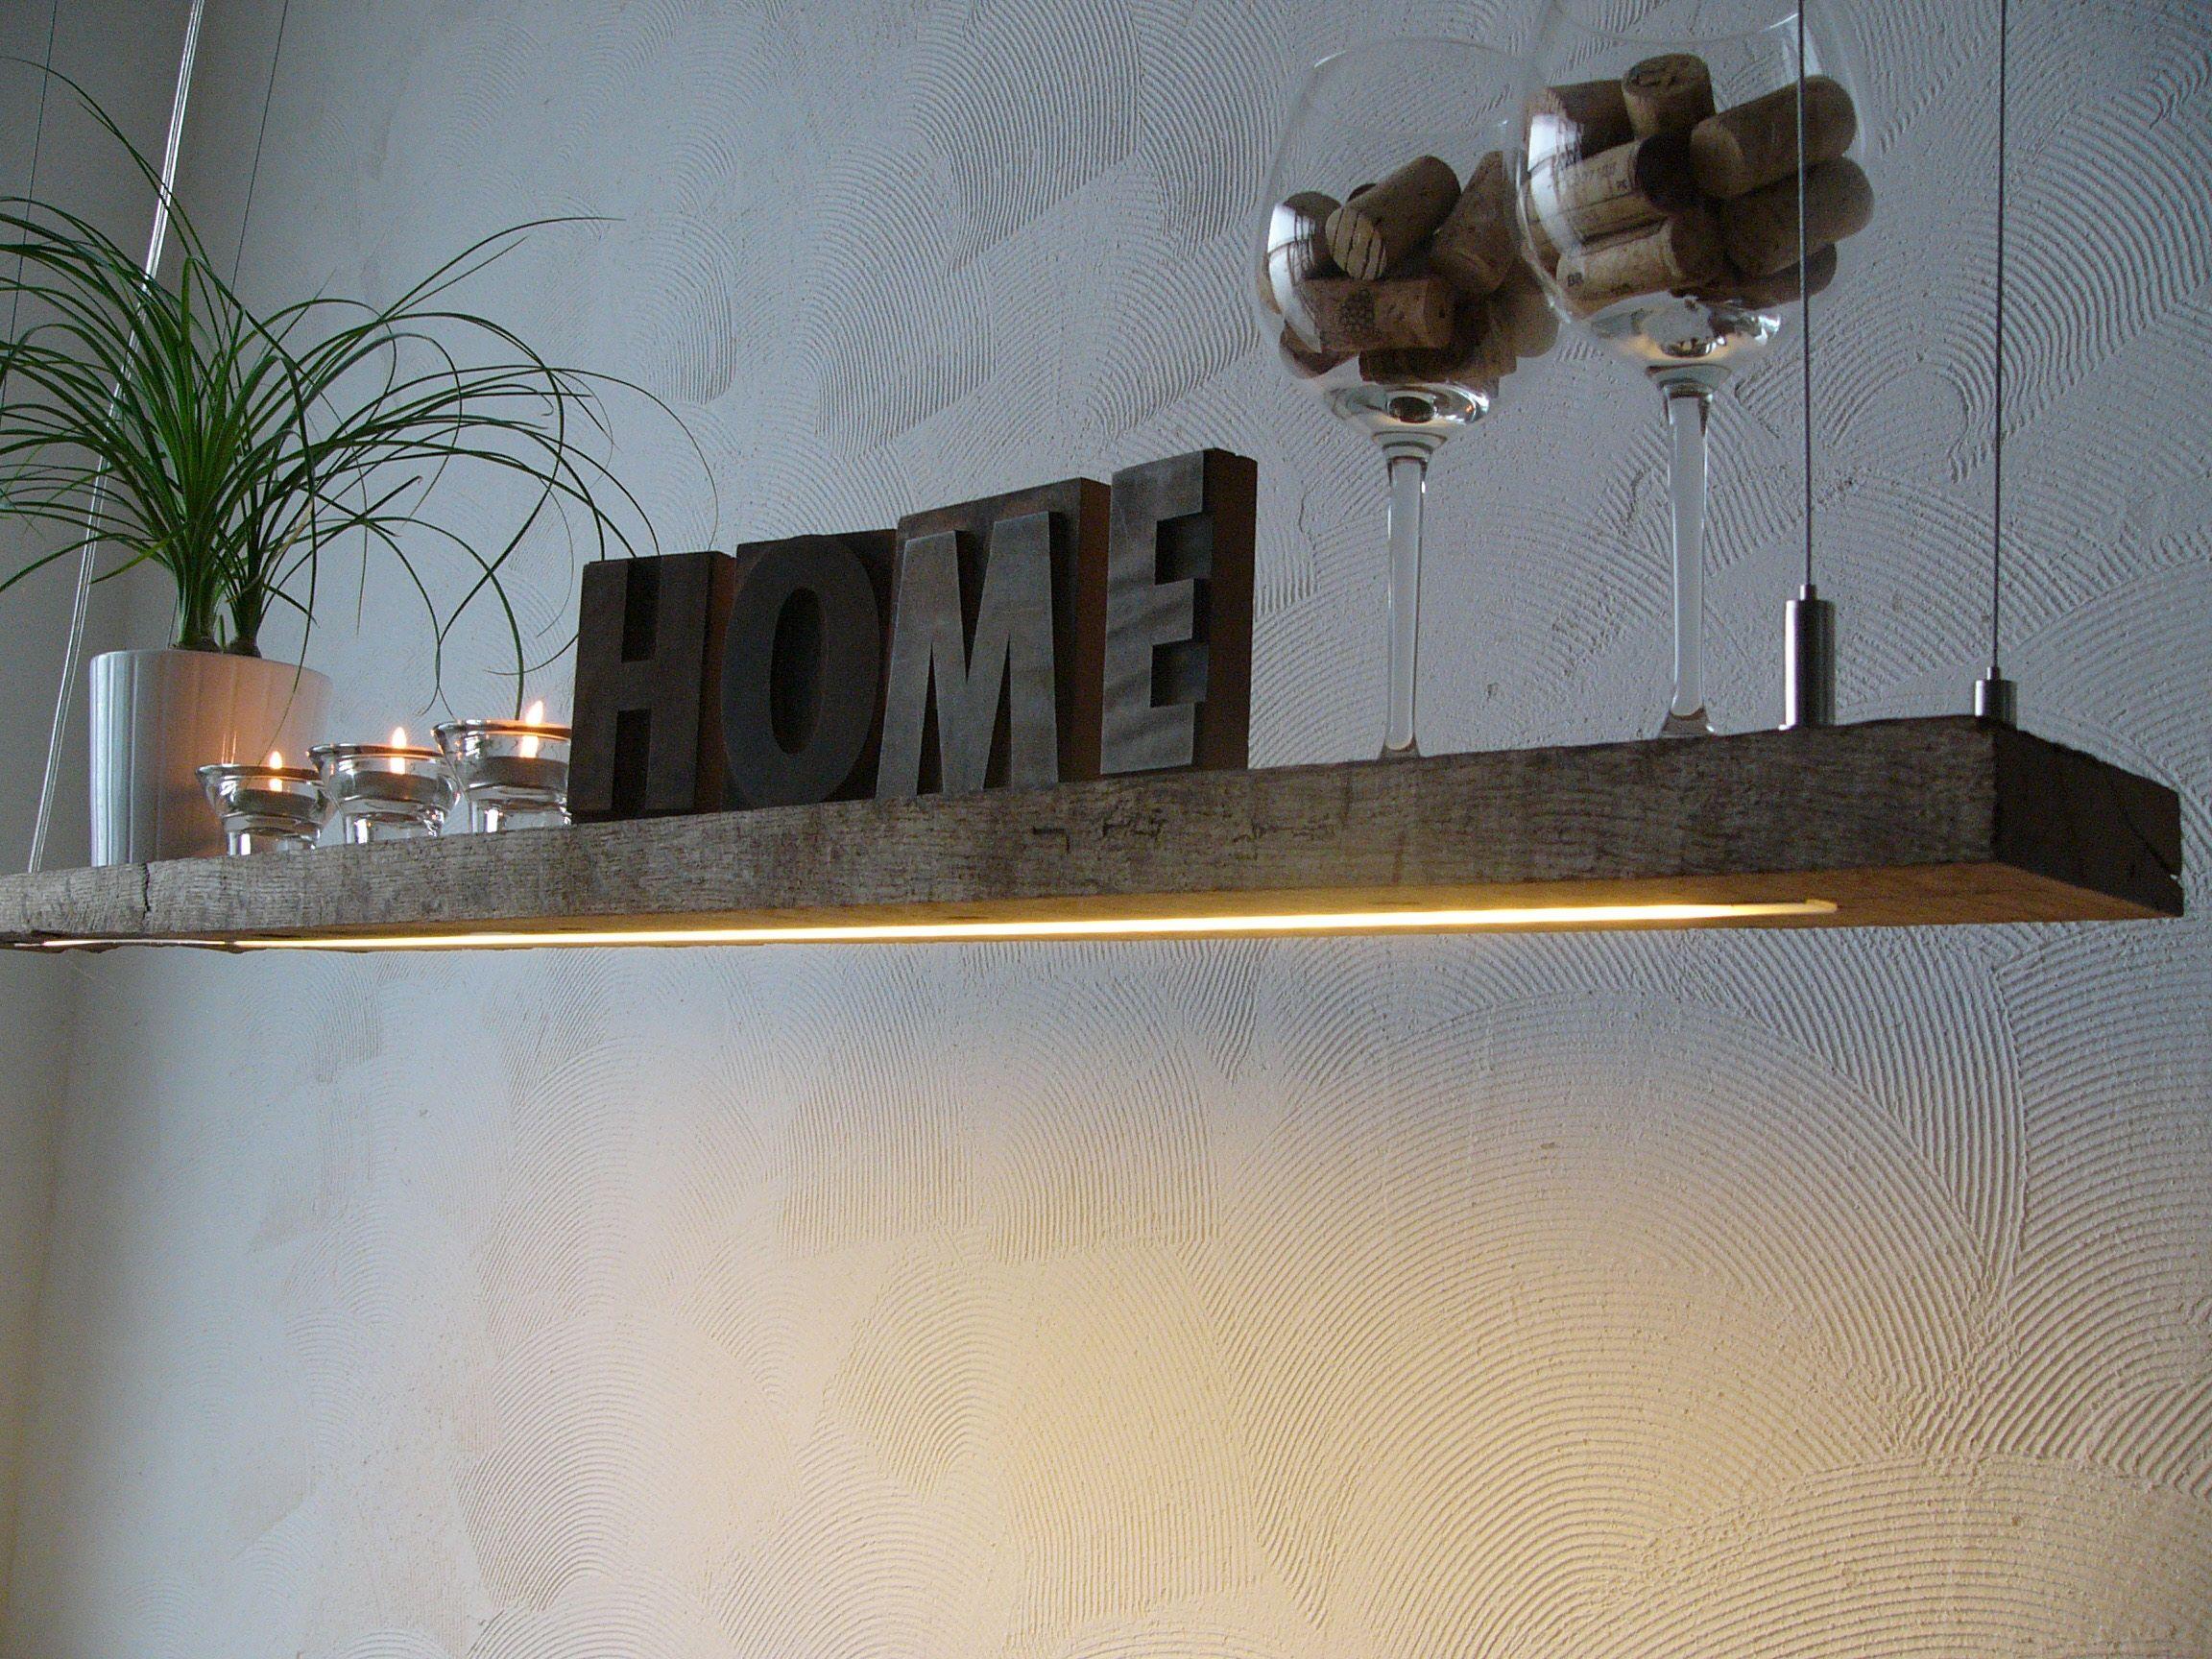 Led badezimmerlampe ~ Led lampe hängeleuchte holz antik balken holzlampe rustikal ebay